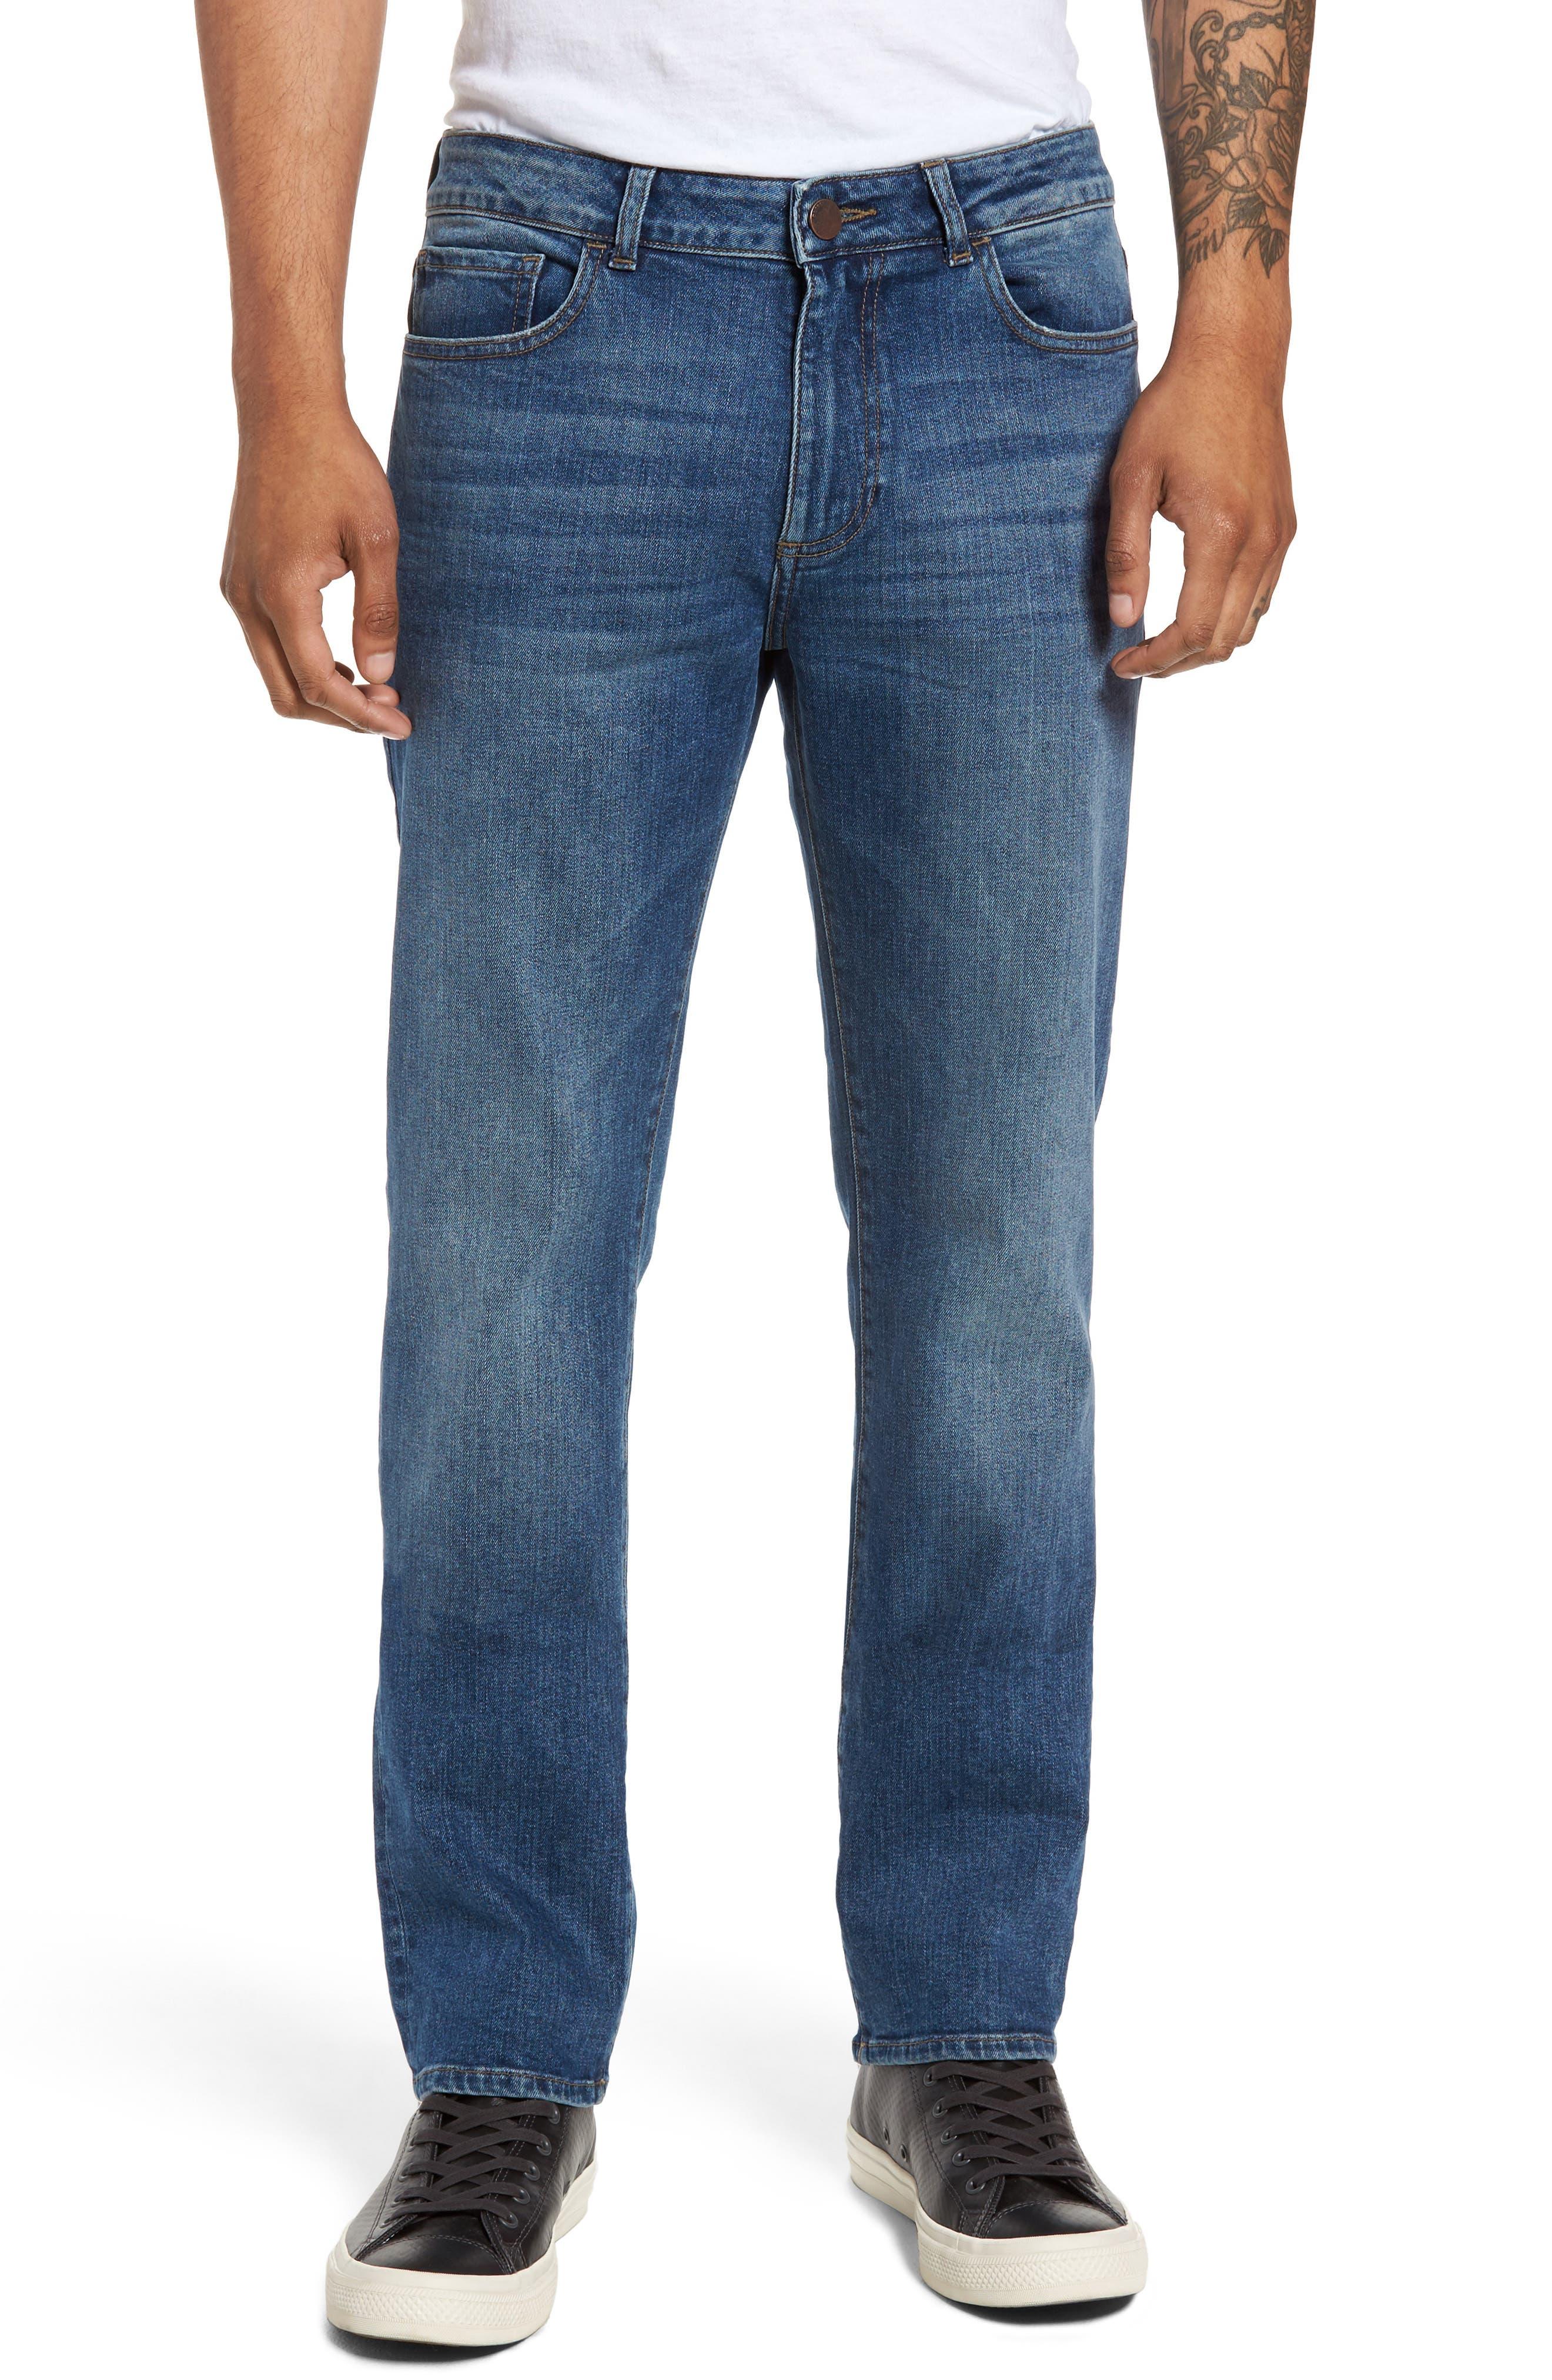 DL1961 Nick Slim Fit Jeans (Ryder)